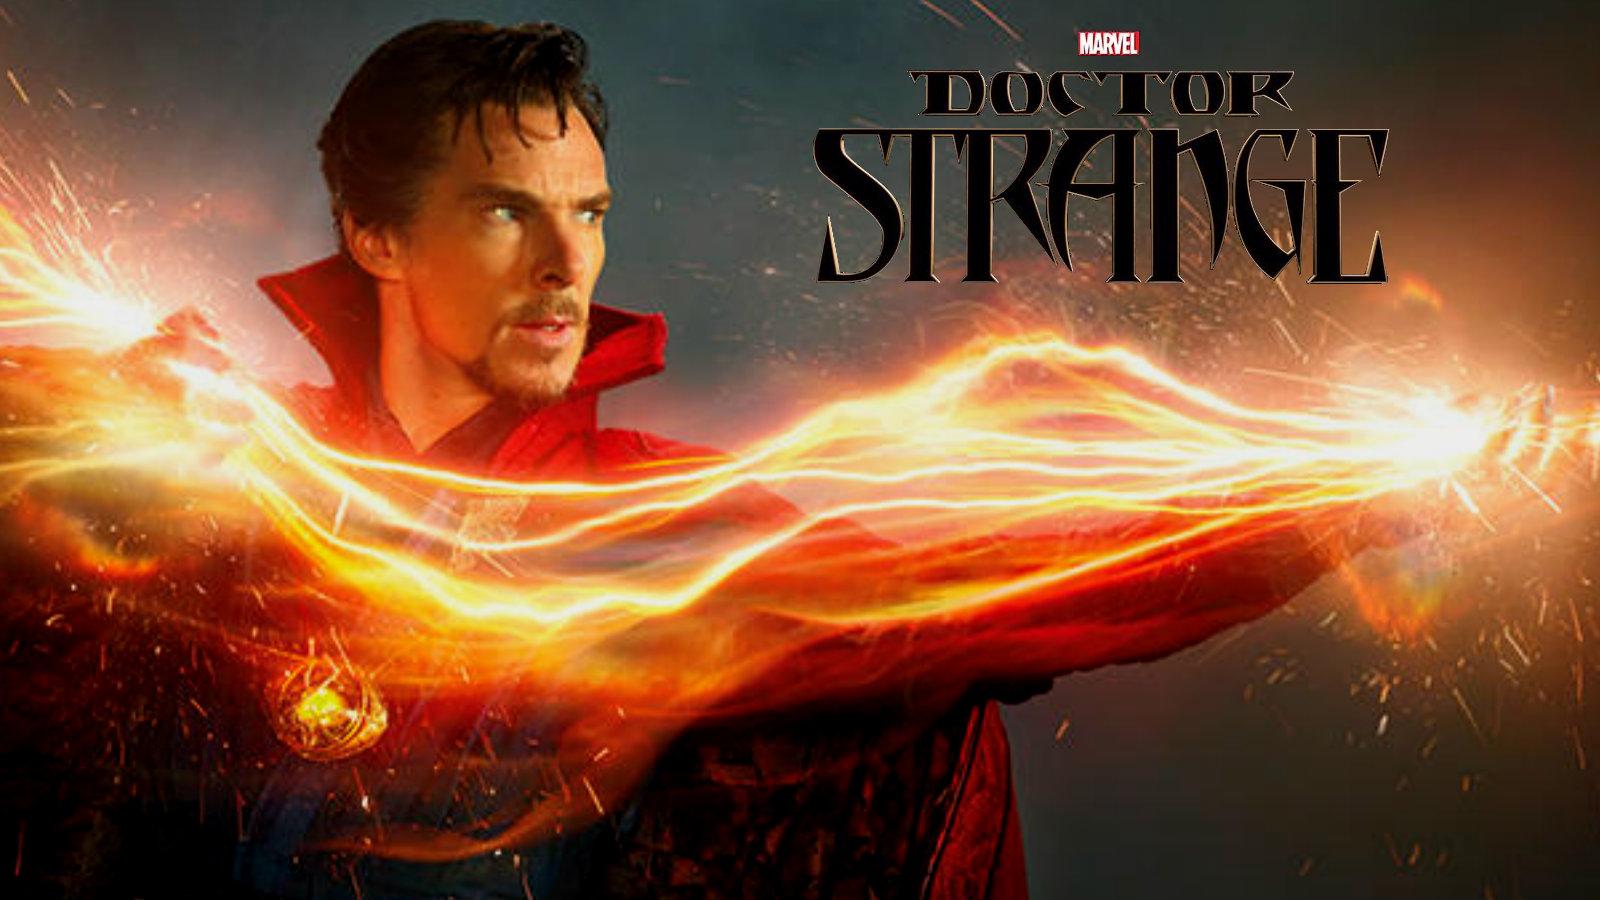 Doctor-Strange-doctor-strange-2016-39495489-1600-900.jpg